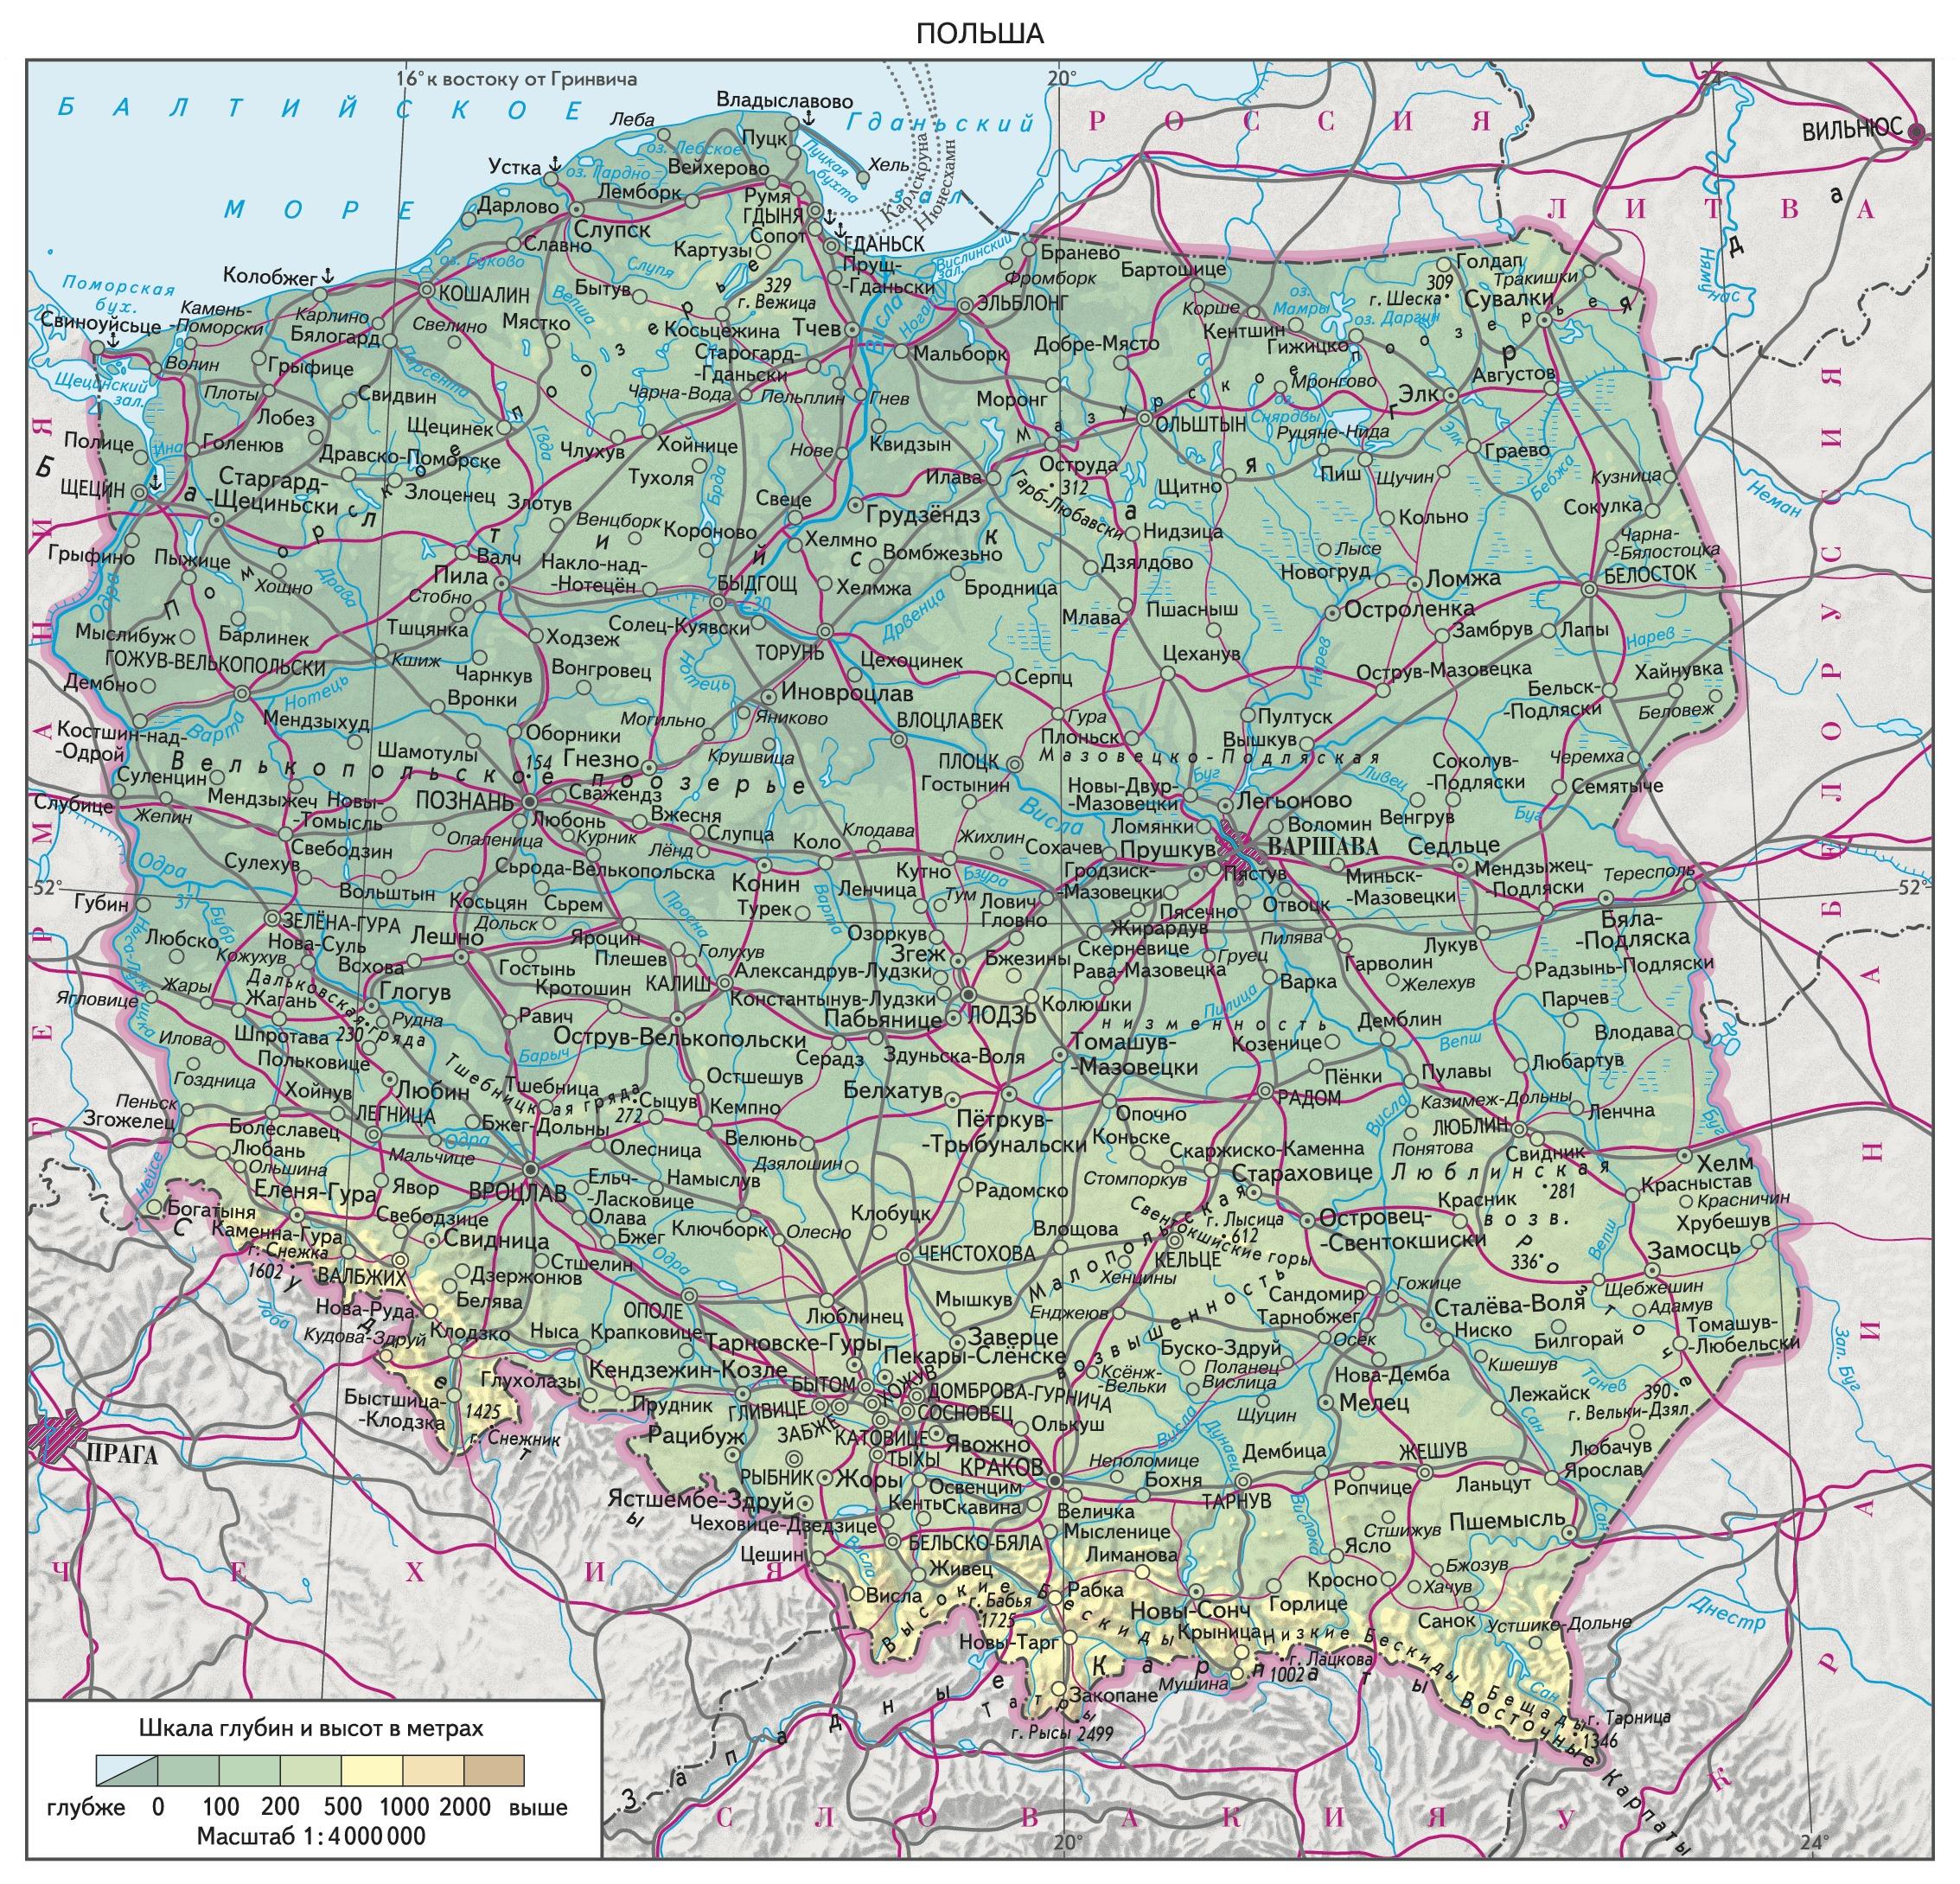 карта польши 1939 года на русском